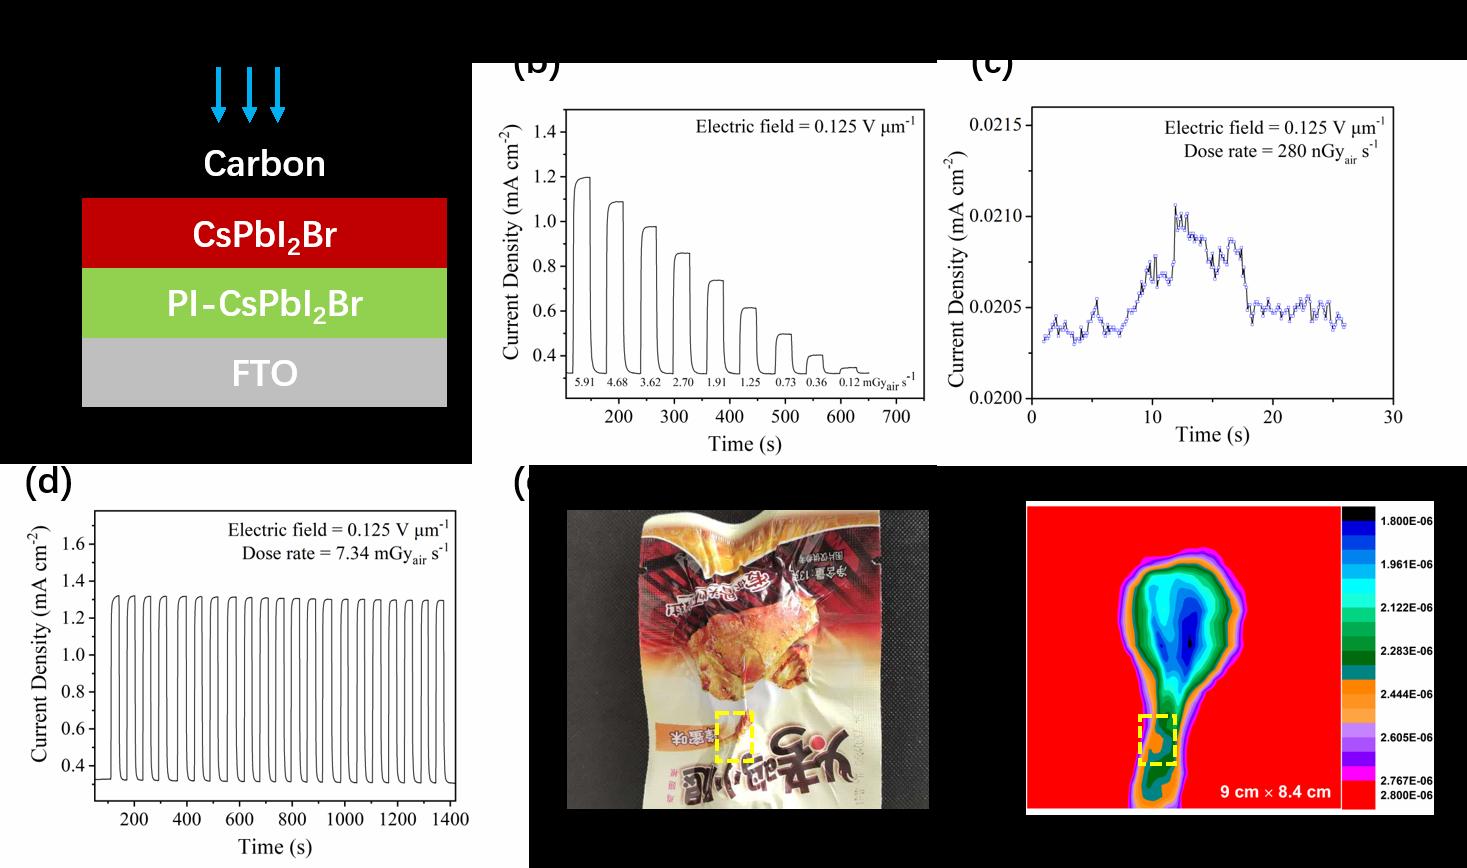 深研院化生学院杨世和课题组在钙钛矿X射线探测器成像领域取得突破性进展